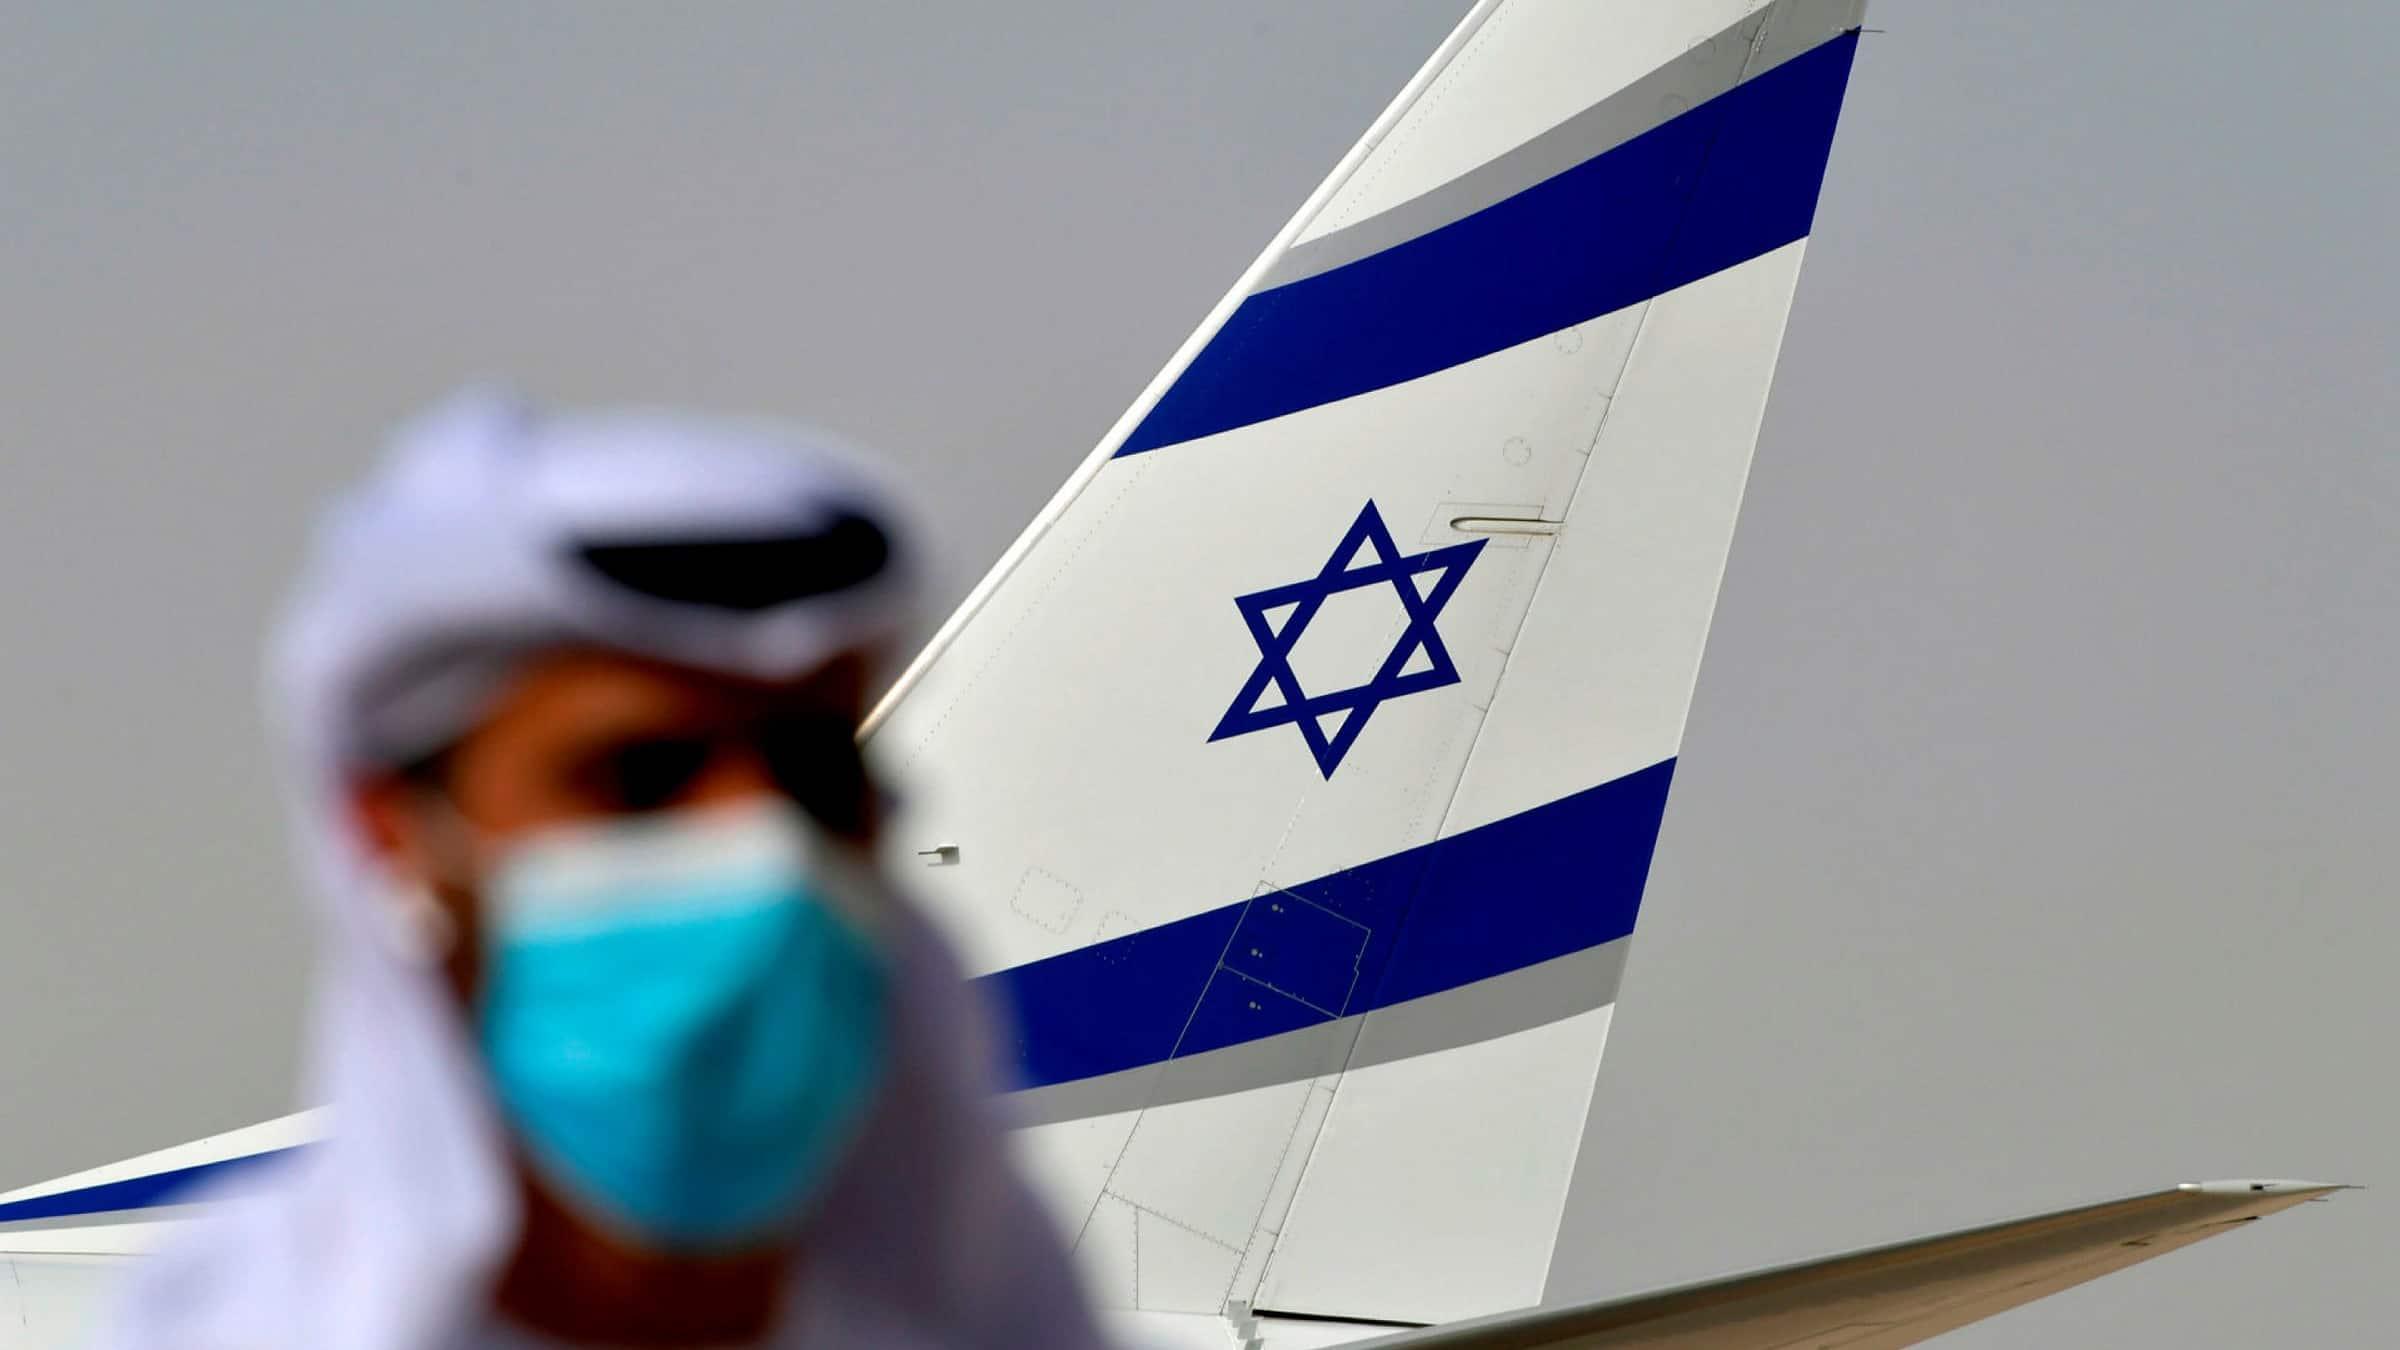 الإمارات مصدومة من نتنياهو بسبب تصميمه على هذا الأمر قبيل الإنتخابات الإسرائيلية